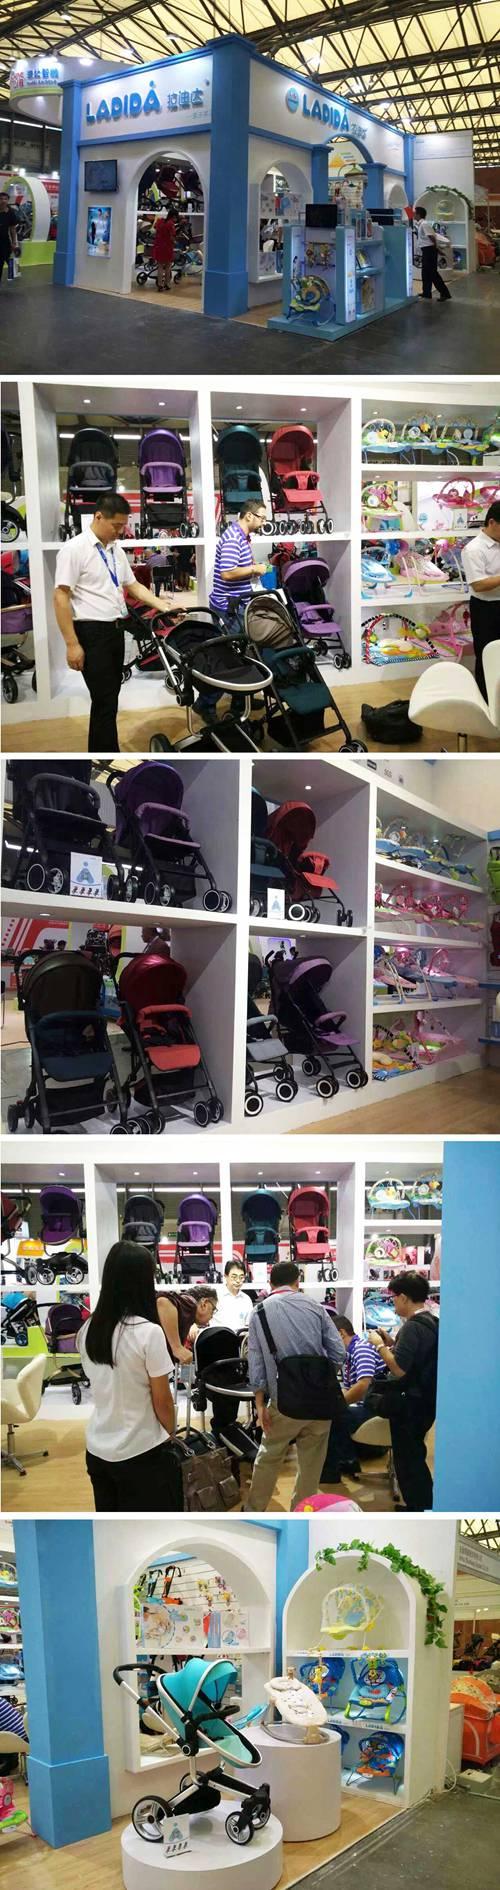 拉迪达婴童用品展台设计搭建案例